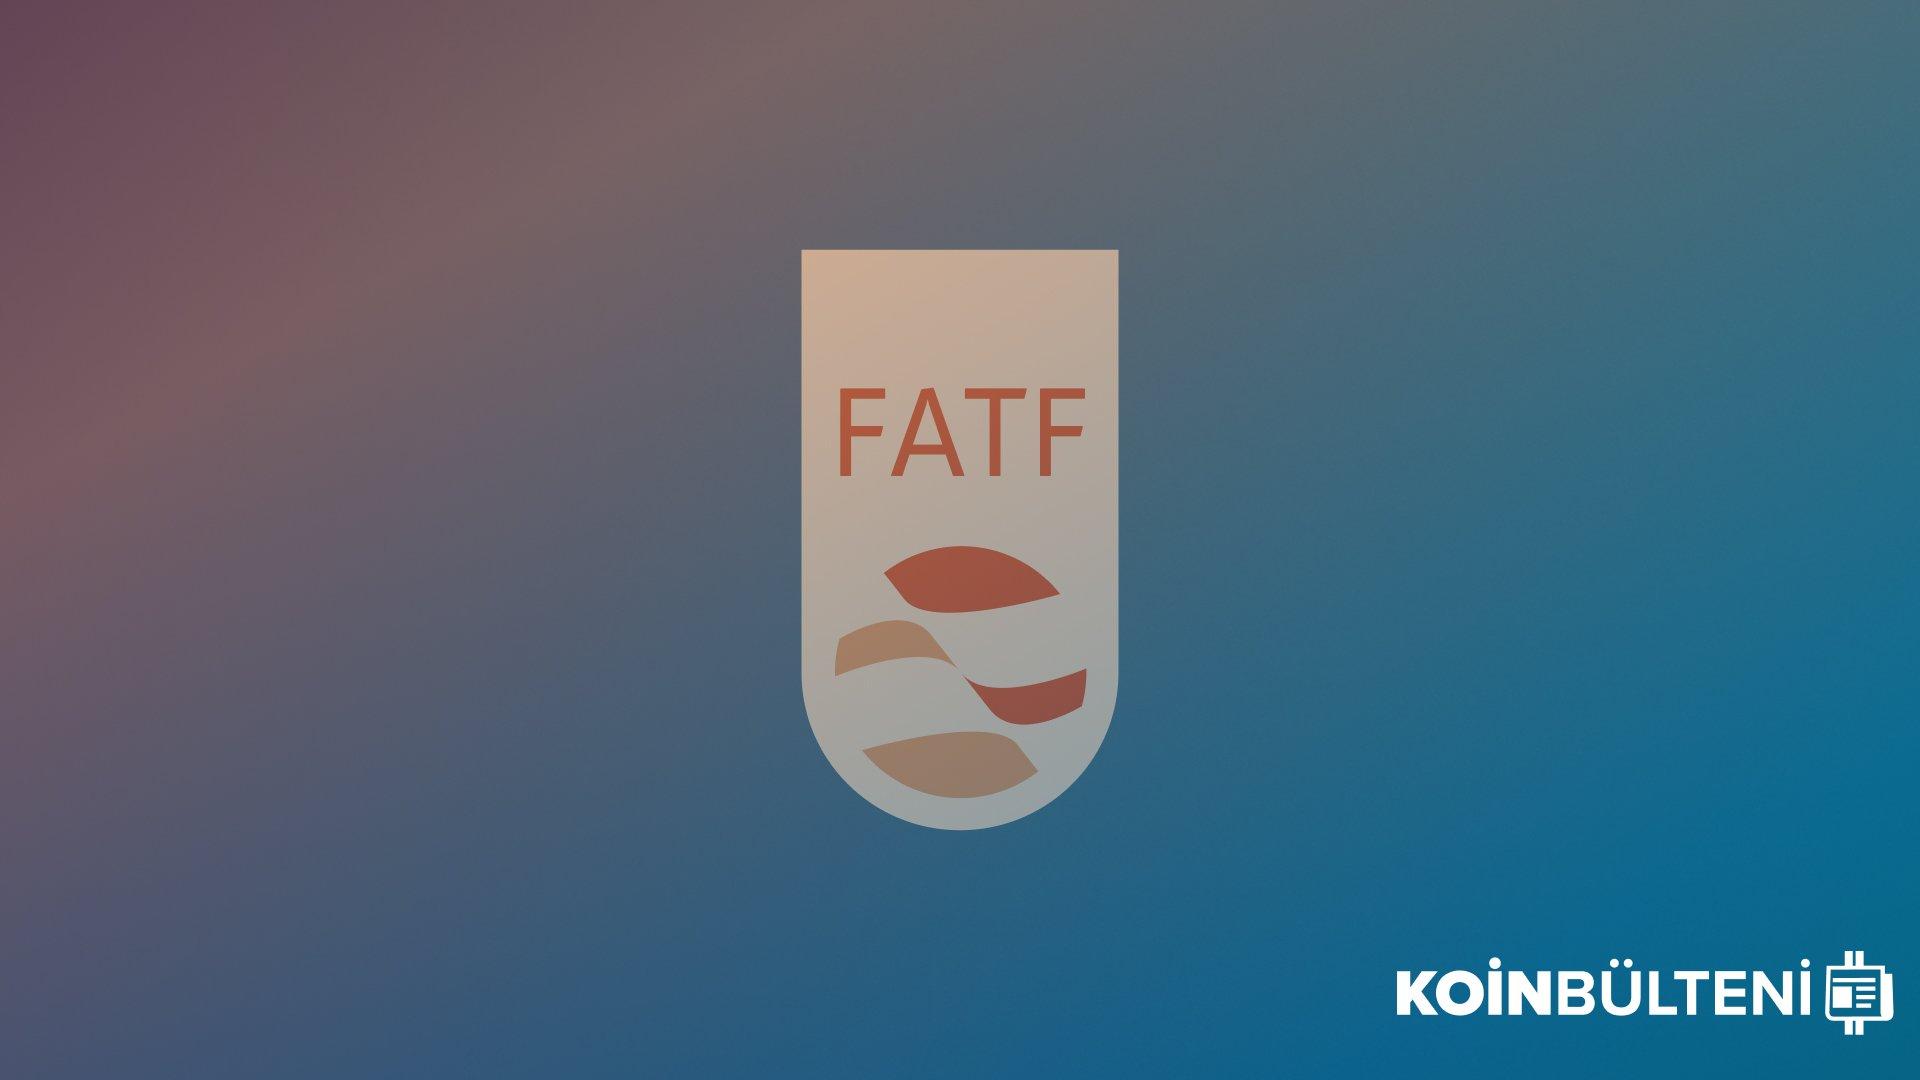 FATF Kripto Standartlarını DeFi ve NFT Temalarını Ele Alarak Güncelledi